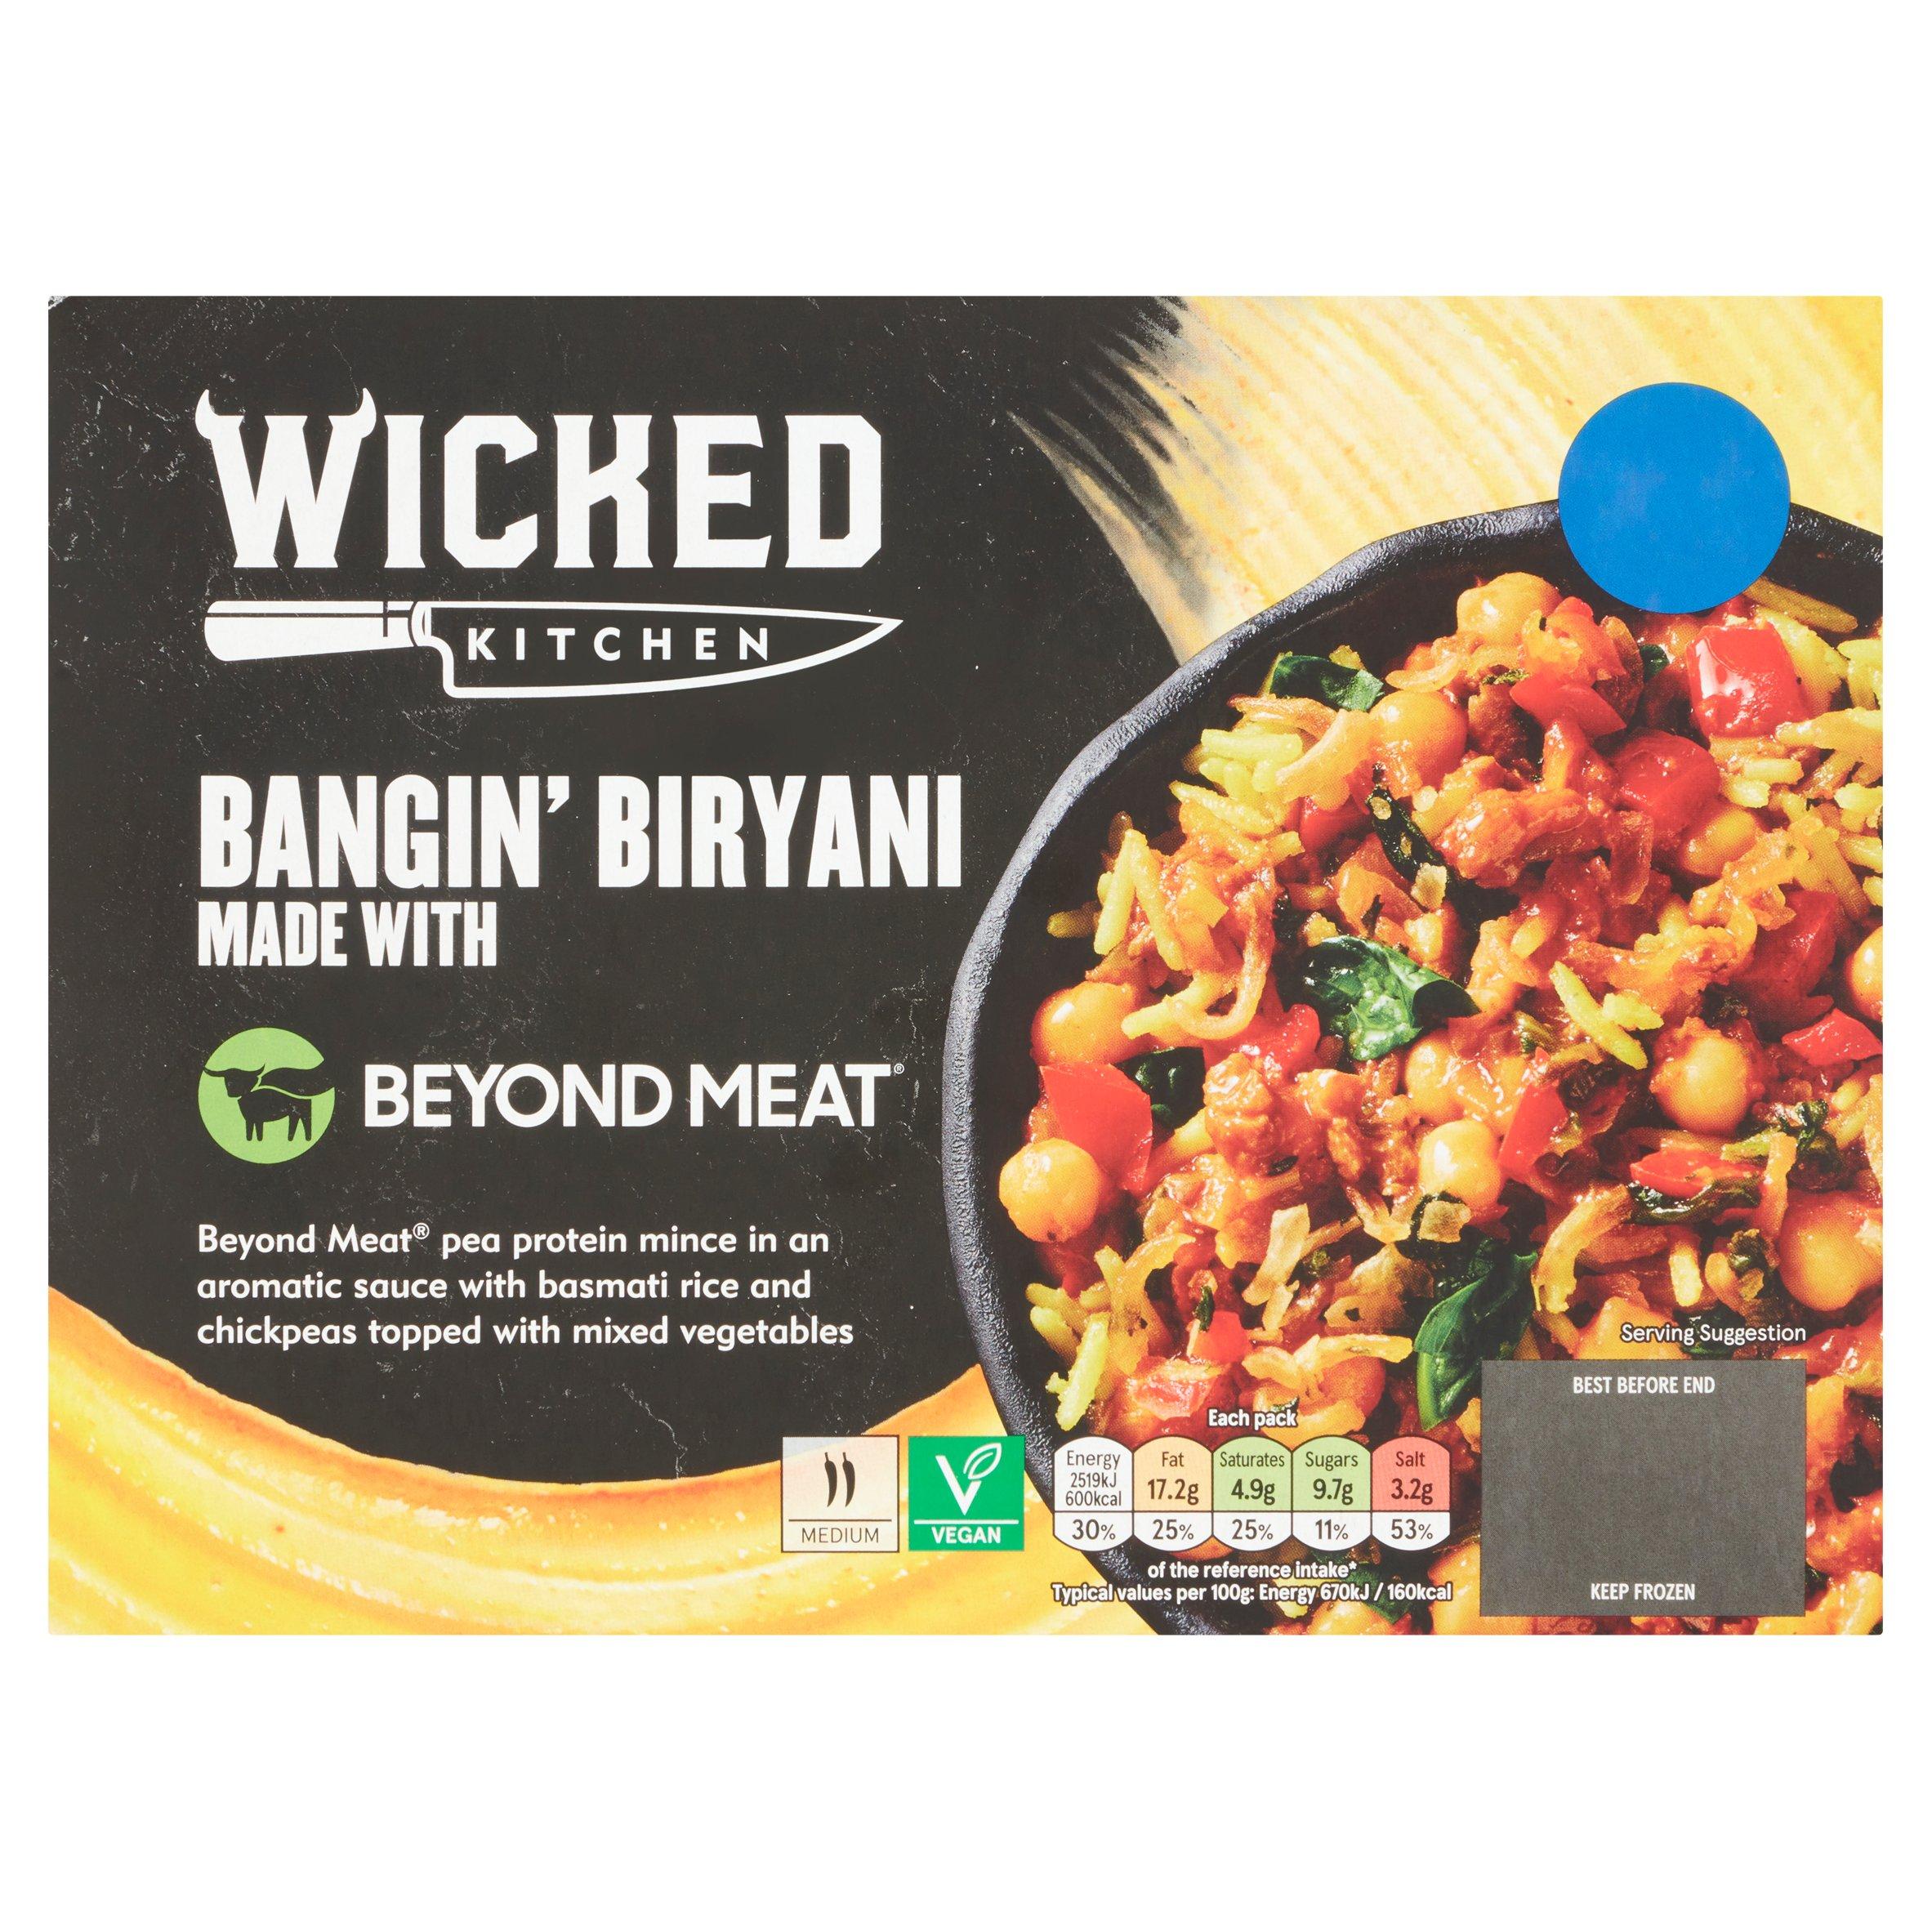 Wicked Kitchen Bangin Biryani Plus Beyond Meat 400G